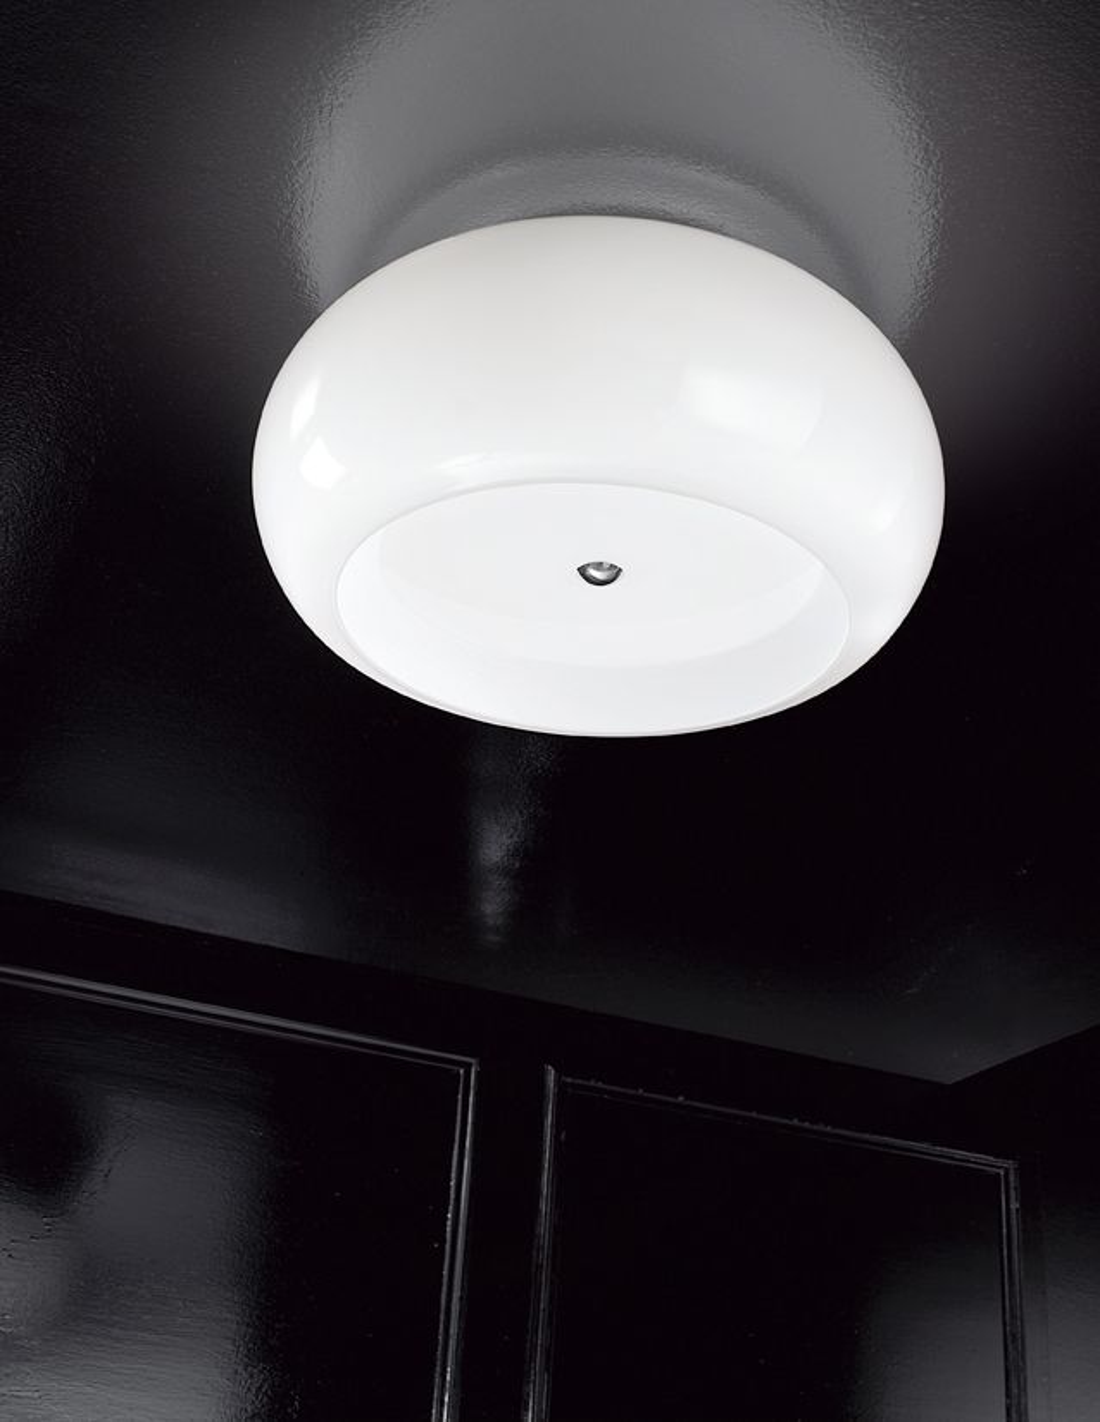 Plafoniera bulle e300 lampadari moderni da soffitto for Lampadario da soffitto